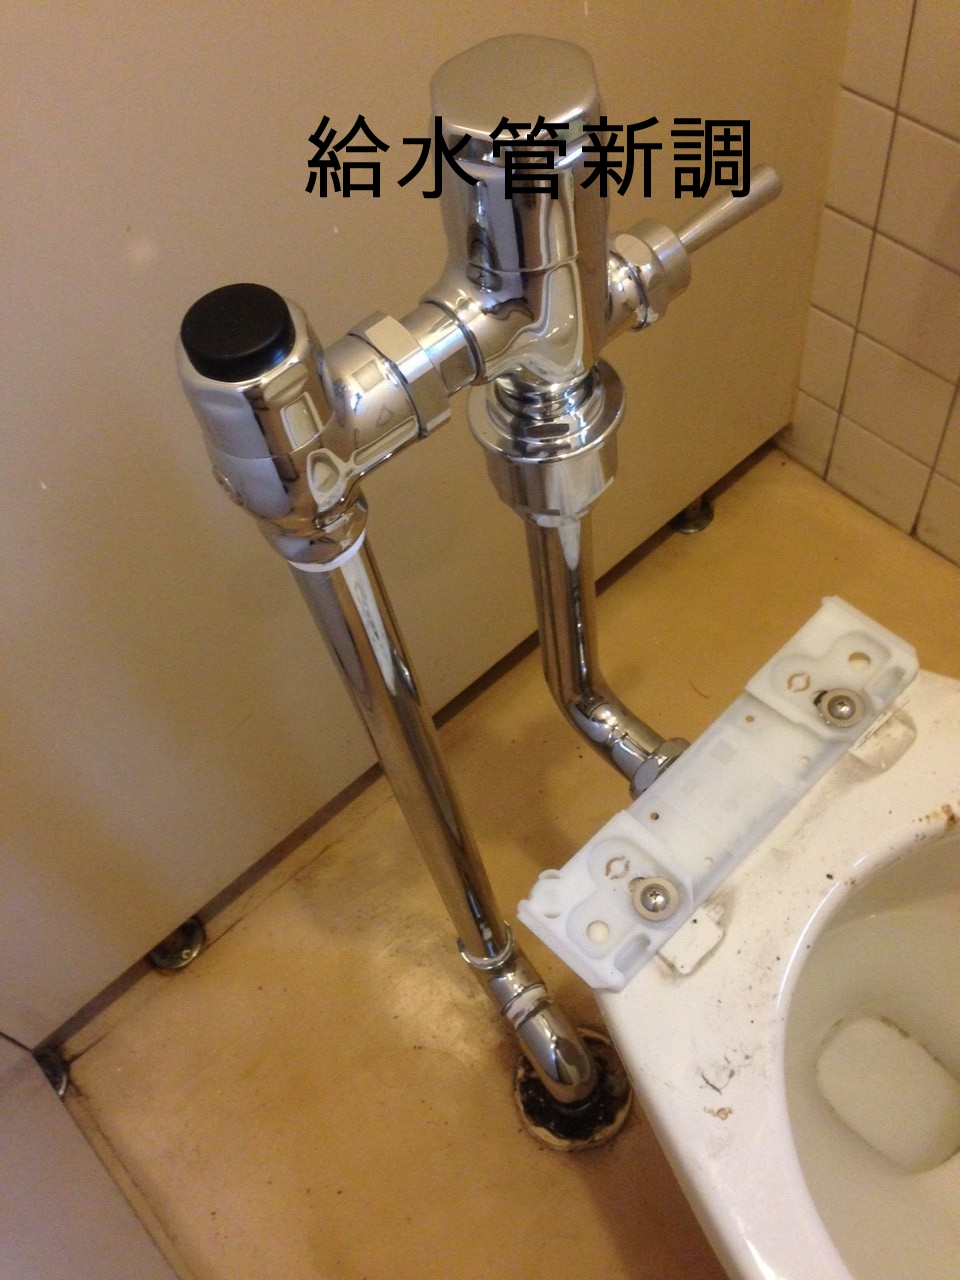 賃貸オフィス トイレの給水管交換後